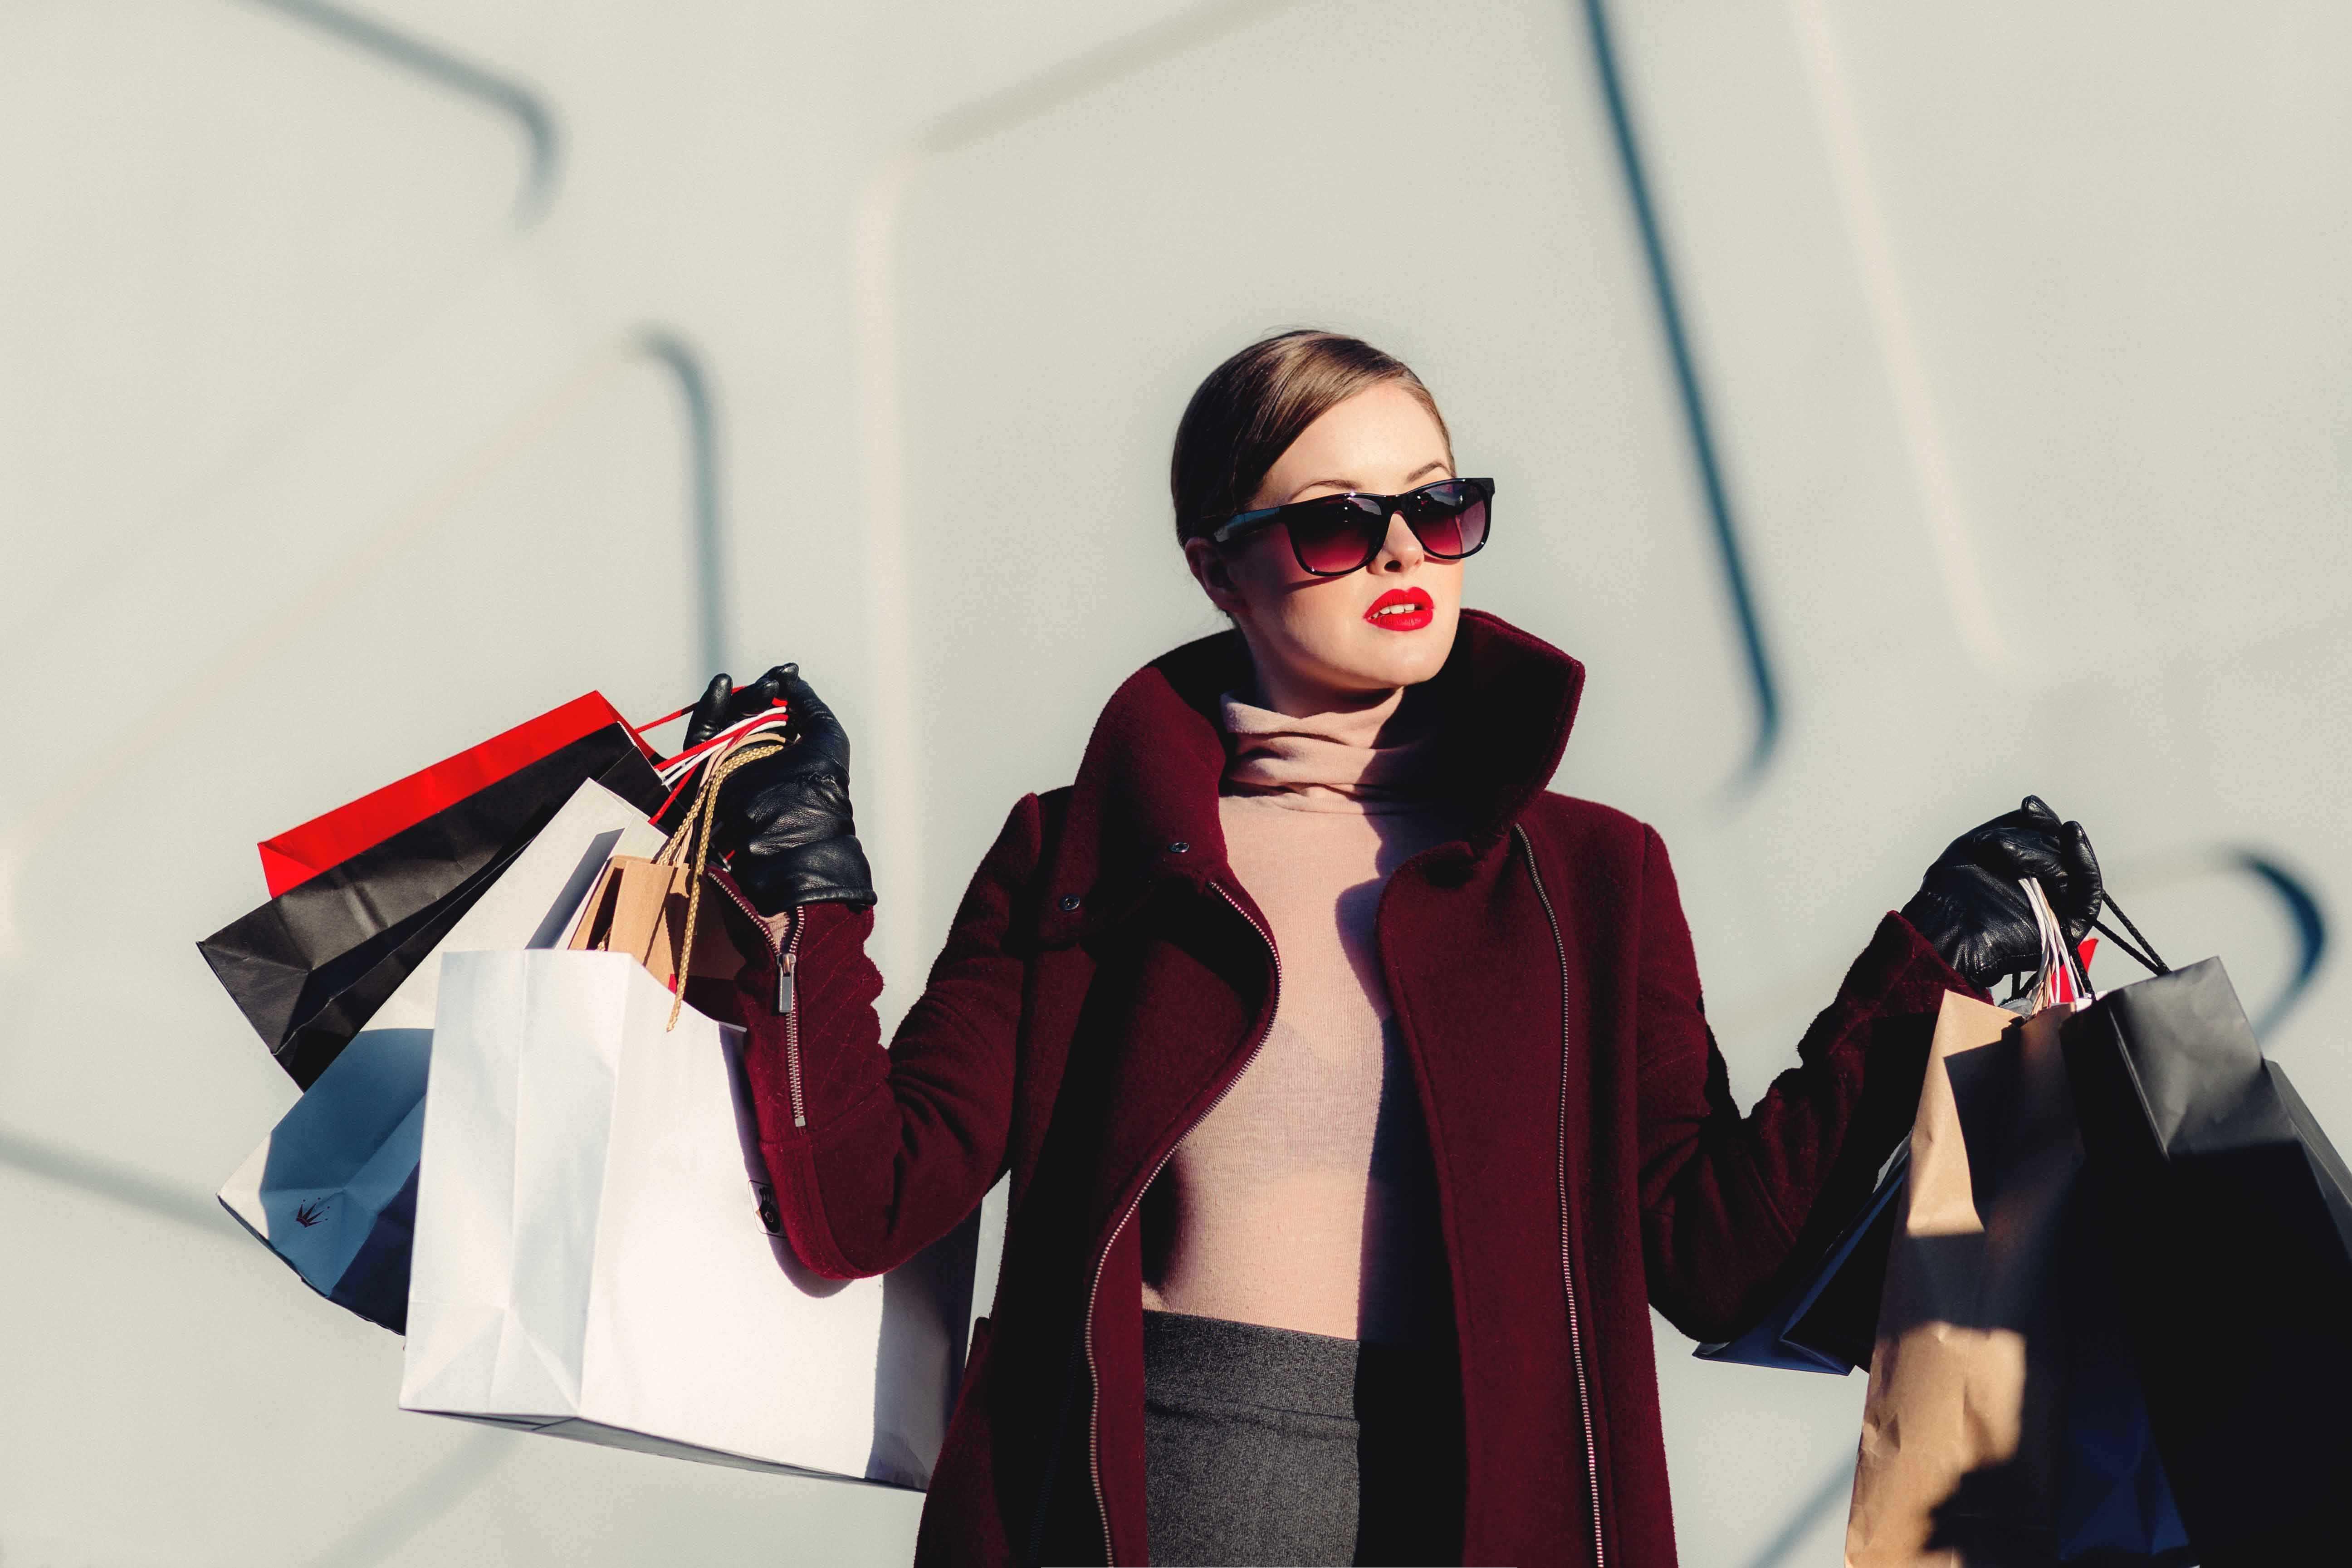 Che rapporto hanno i fashion addict con i social media